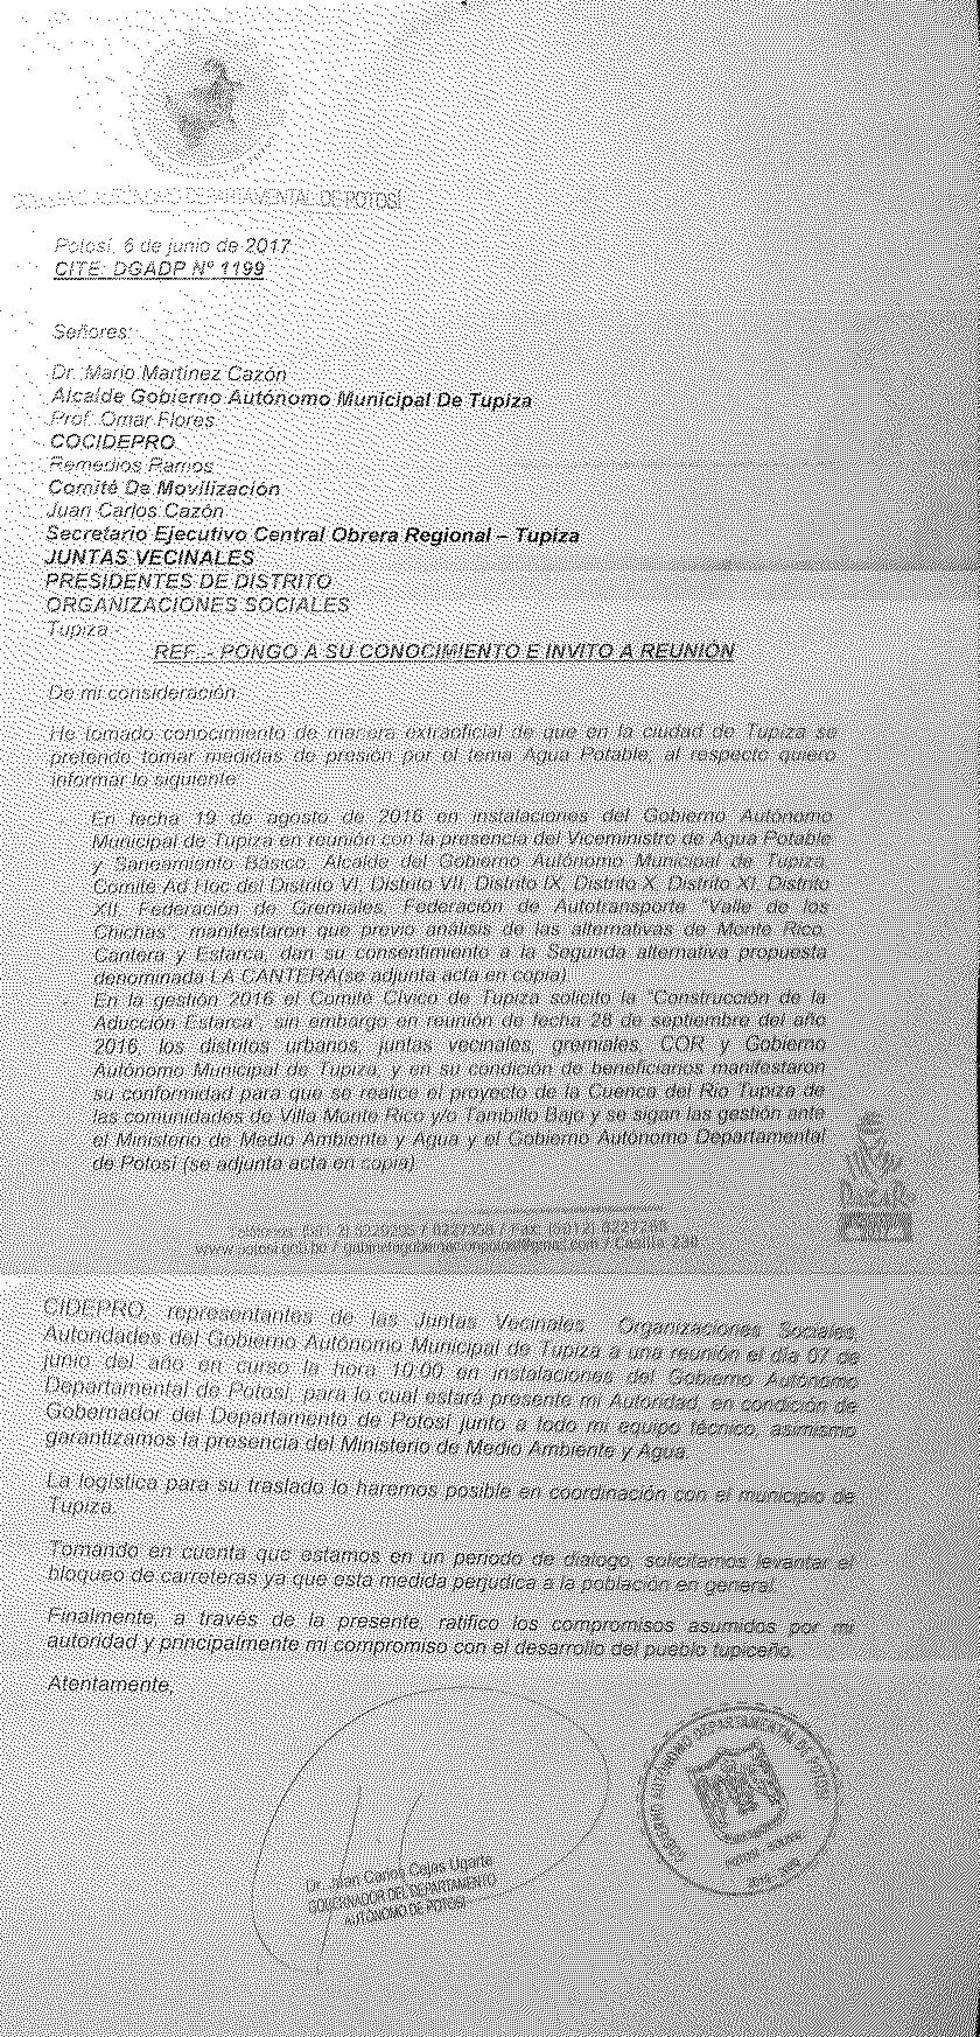 Esta es la carta enviada por el GADP a varios sectores de Tupiza.